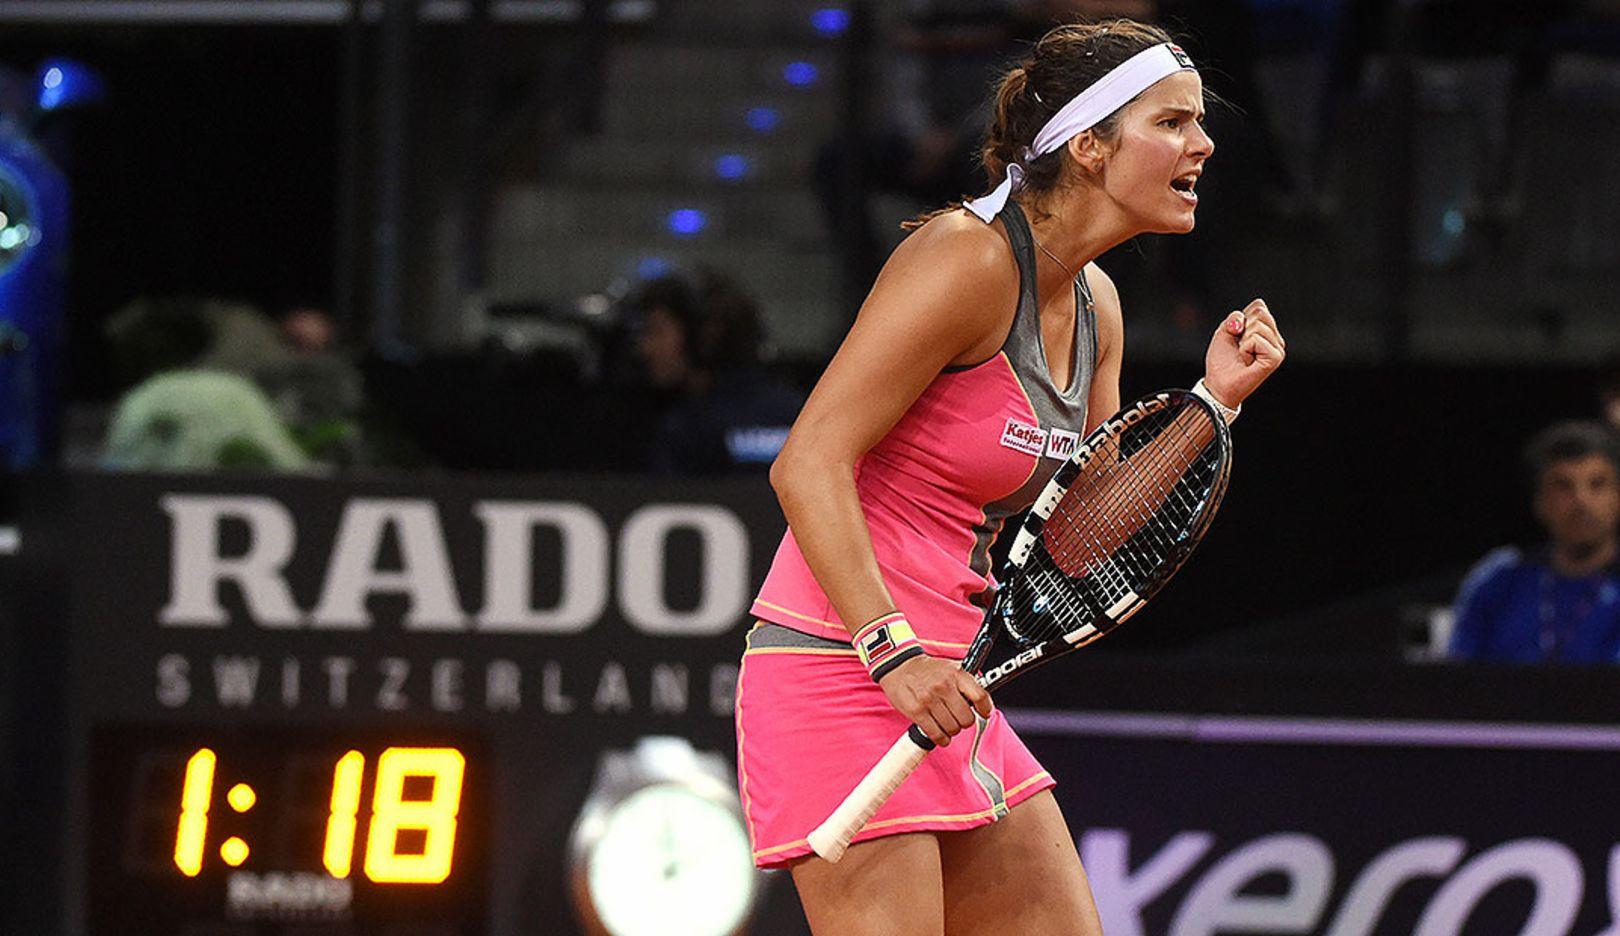 Julia Görges, tennis player Porsche-Team-Deutschland, Porsche Tennis Grand Prix, Porsche-Arena Stuttgart, 2014, Porsche AG